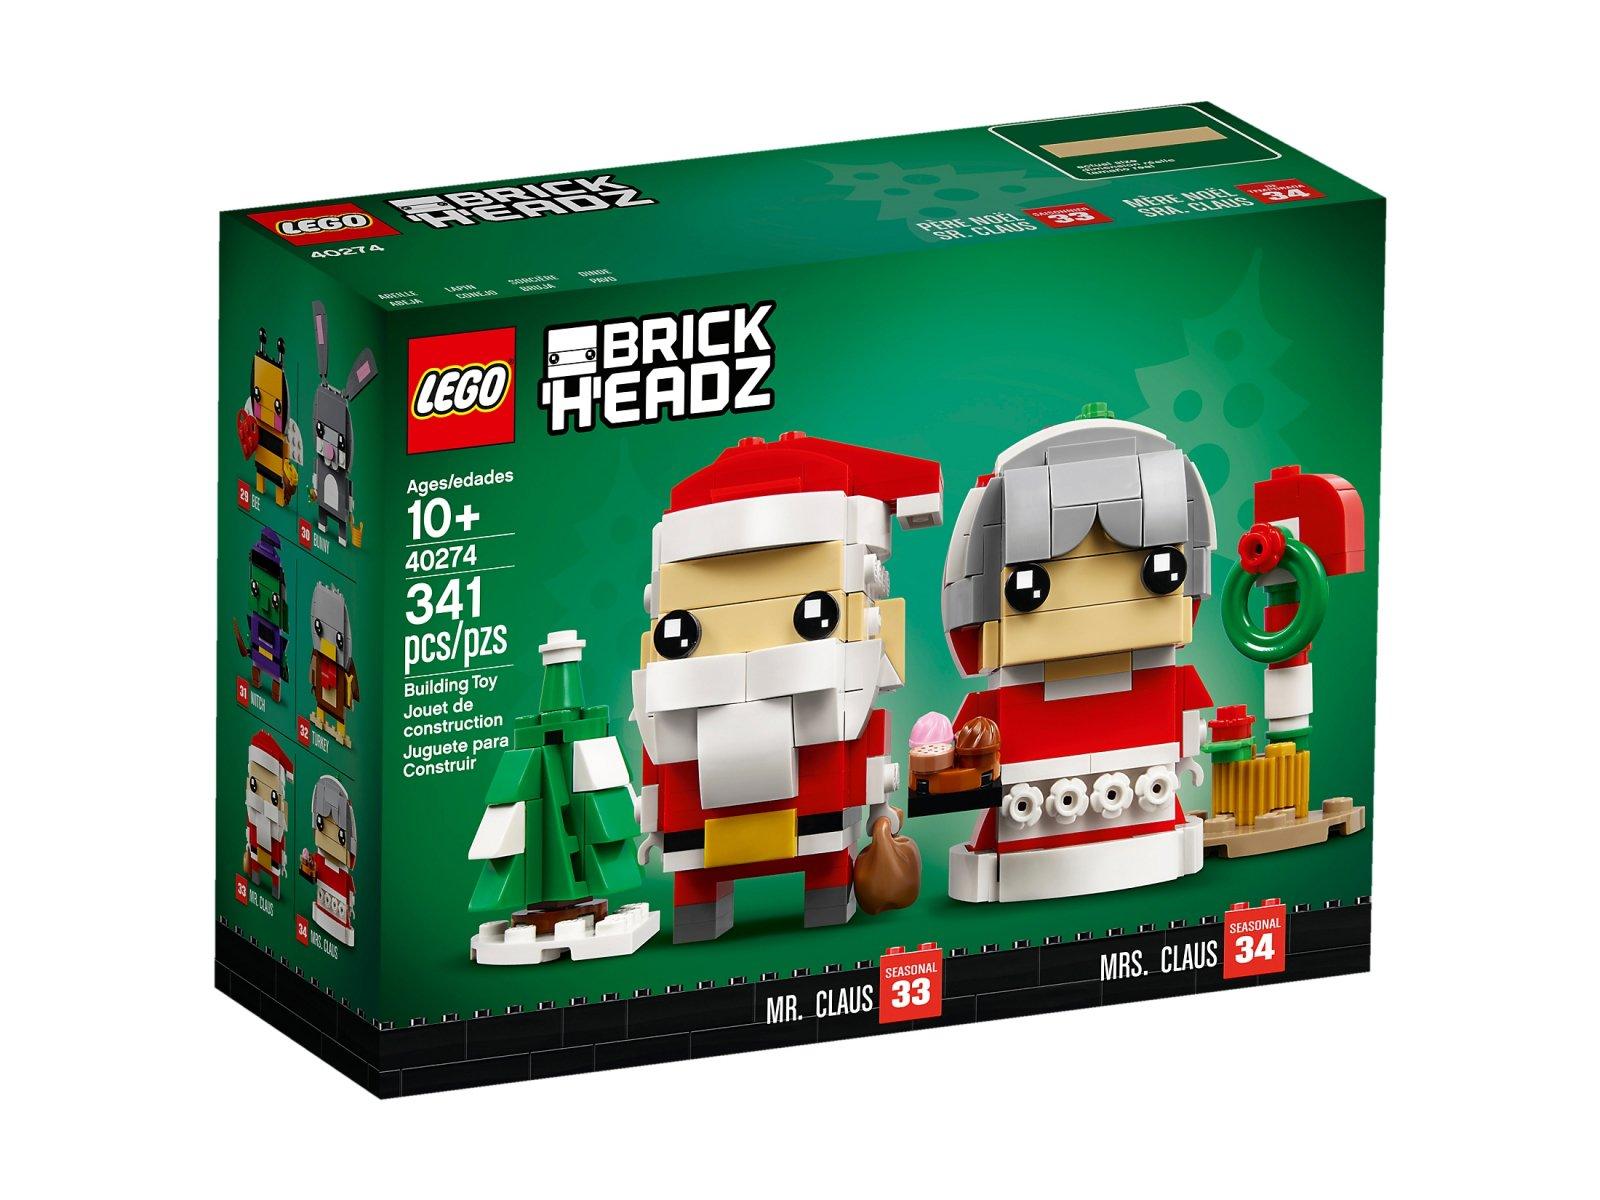 LEGO BrickHeadz 40274 Święty Mikołaj i Pani Mikołajowa